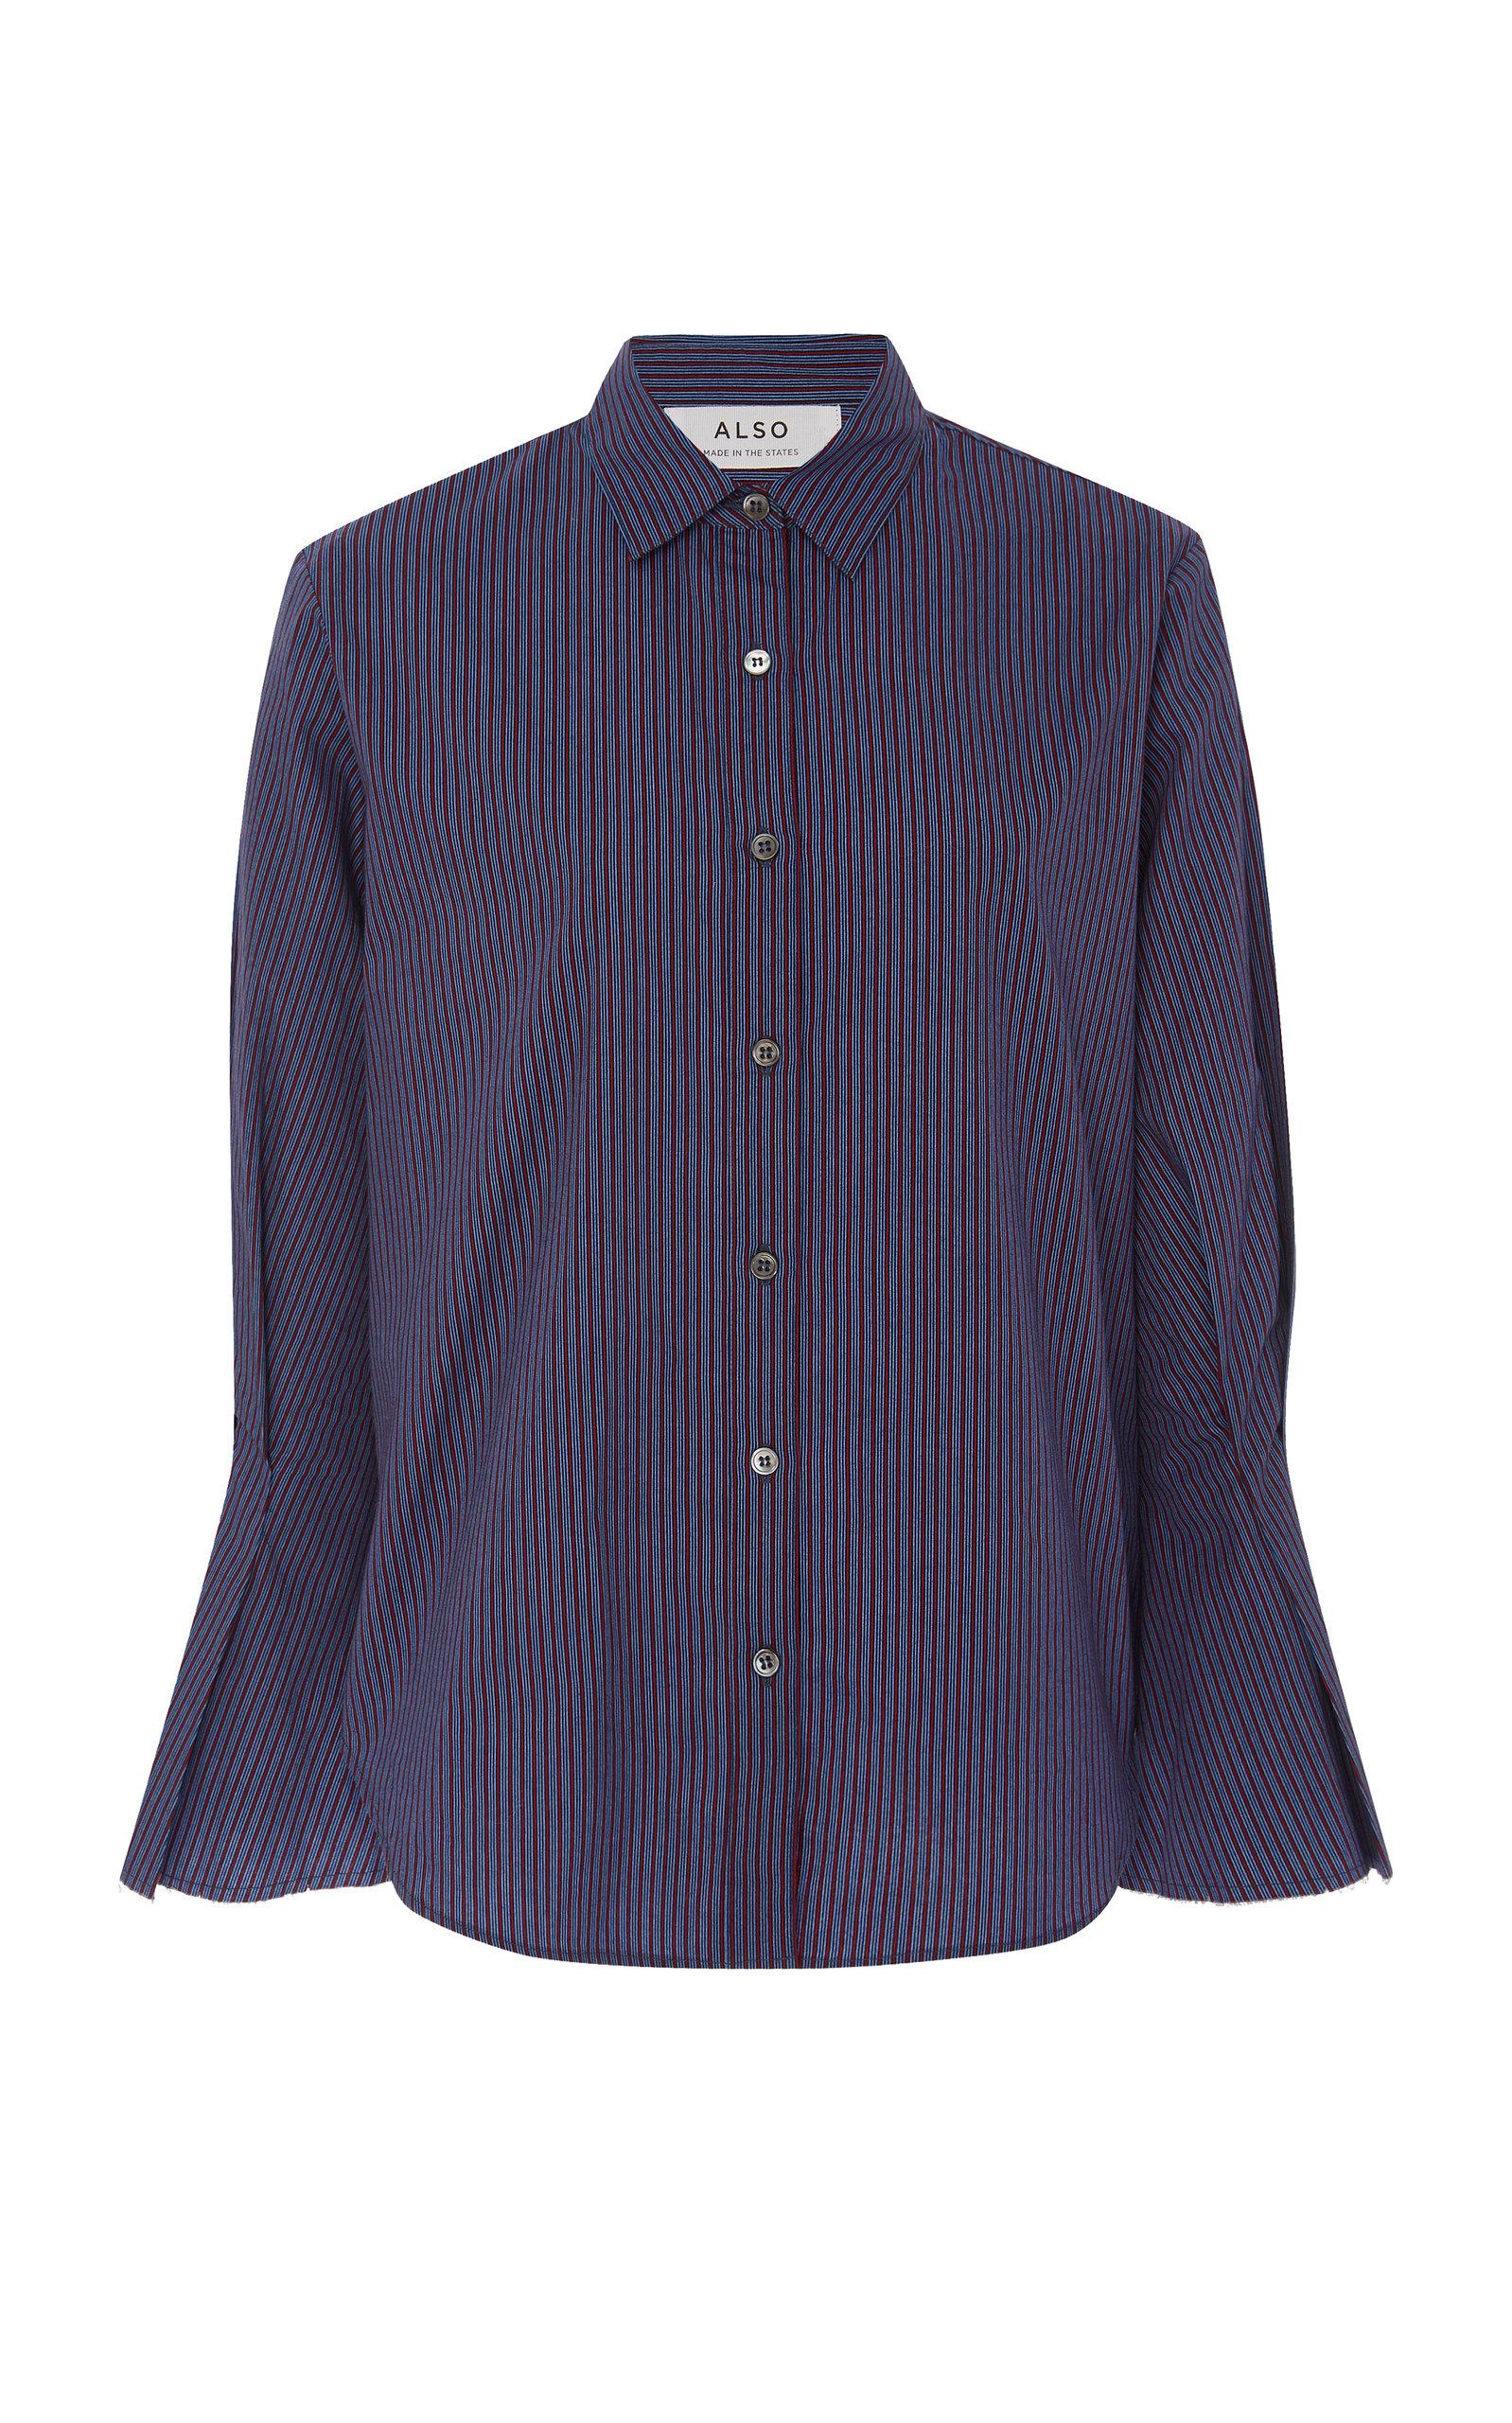 ALSO Laurel Striped Cotton-Poplin Top